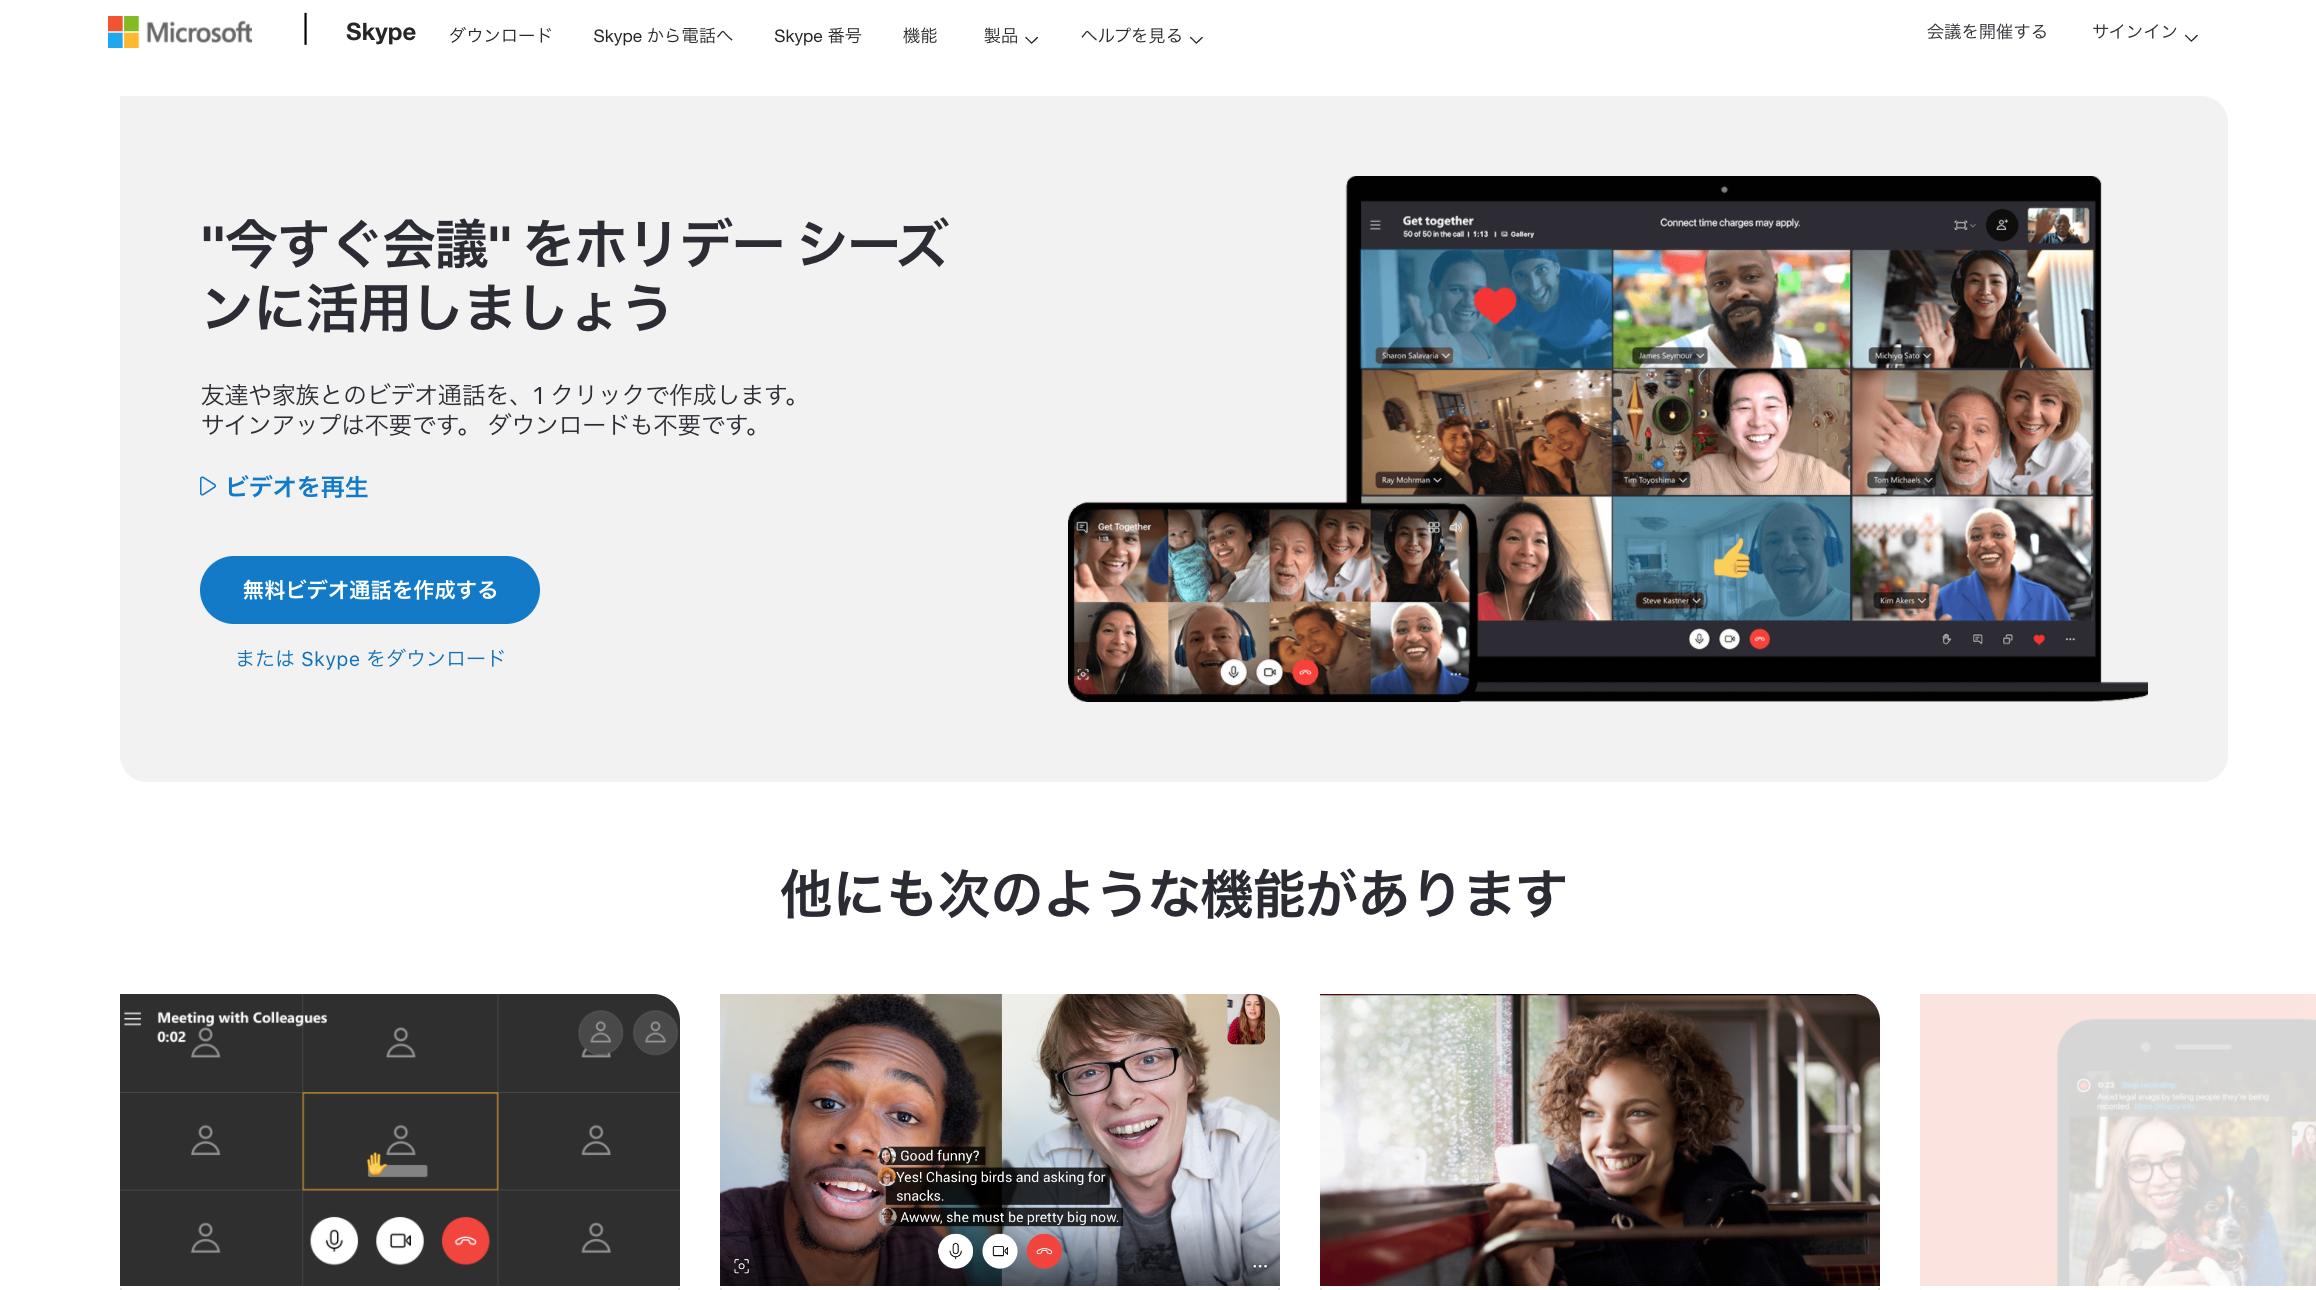 Skype サービス画像